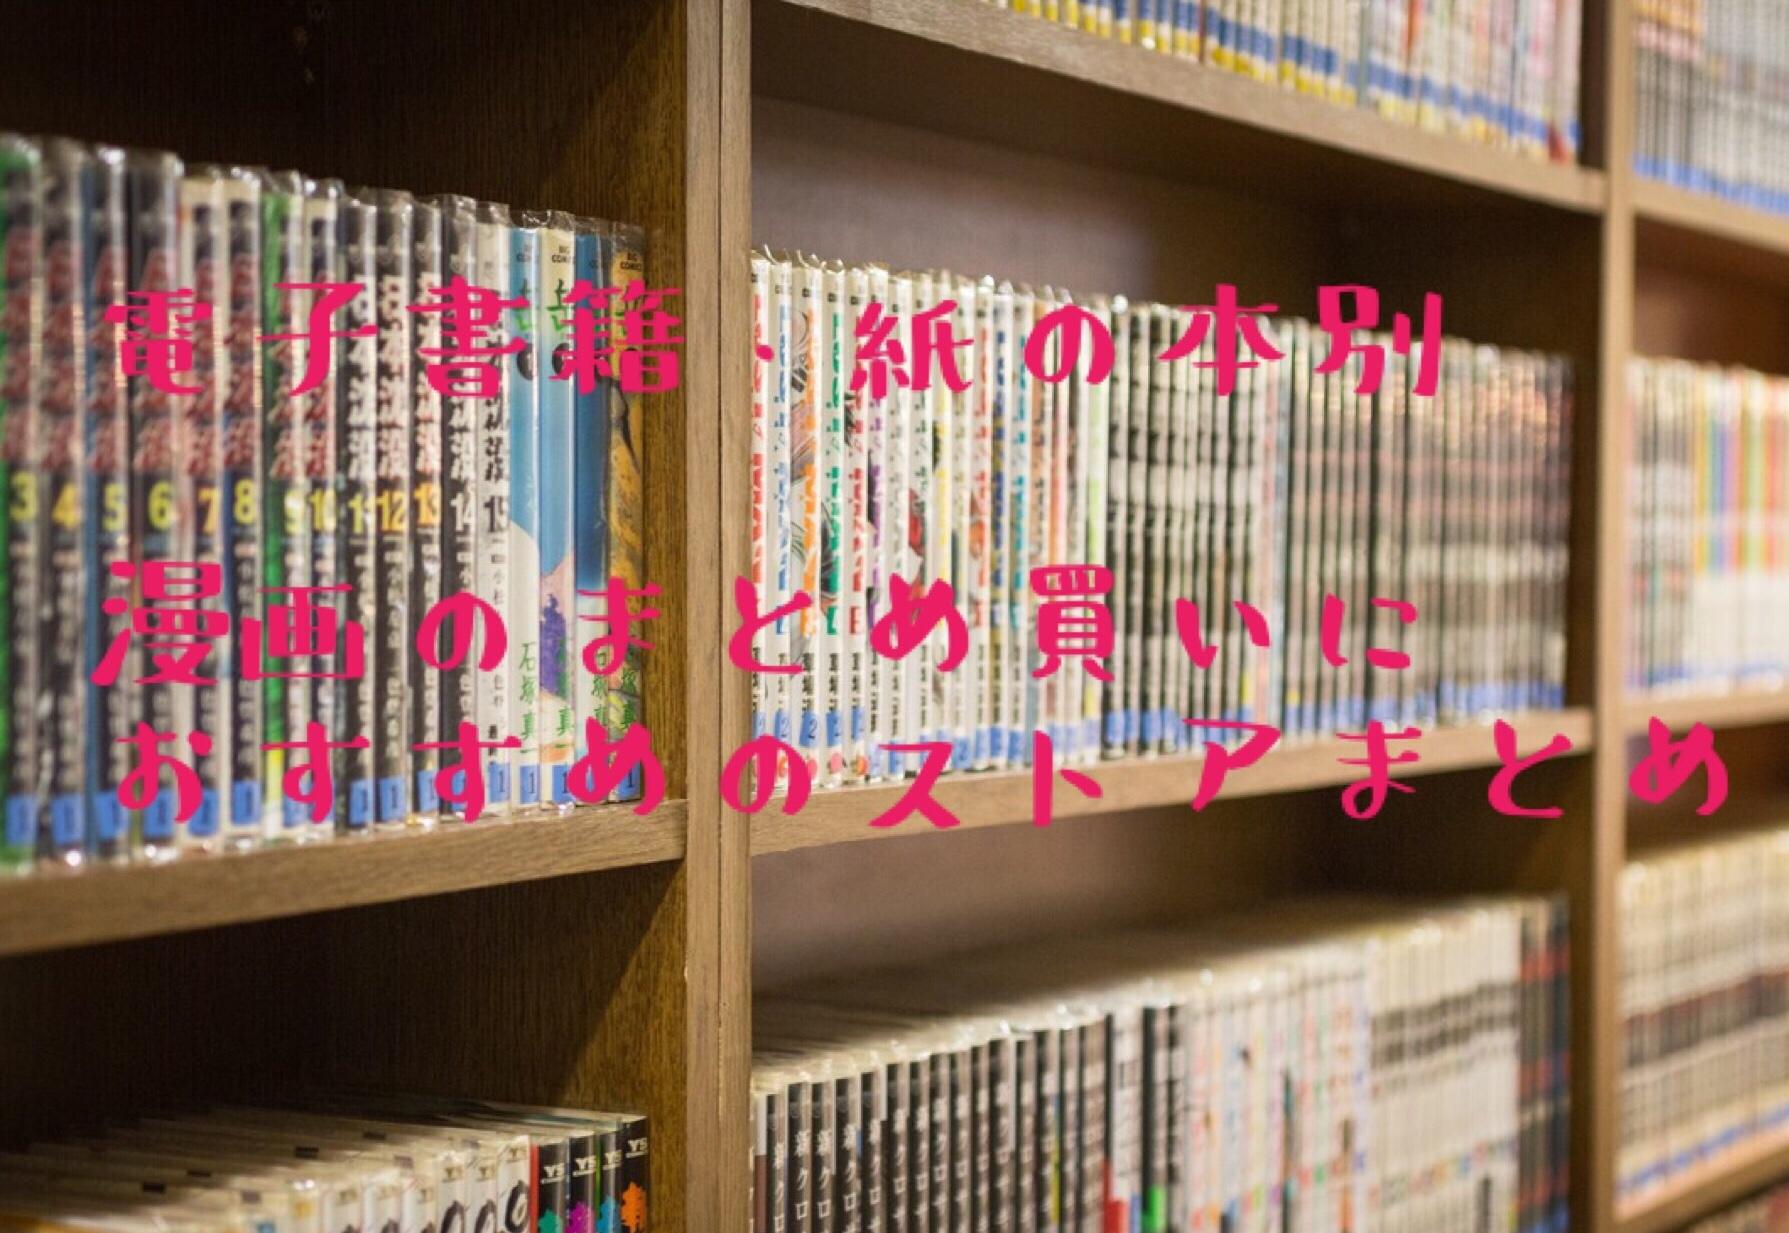 【漫画全巻まとめ買い】おすすめストア紹介!紙・電子書籍別で